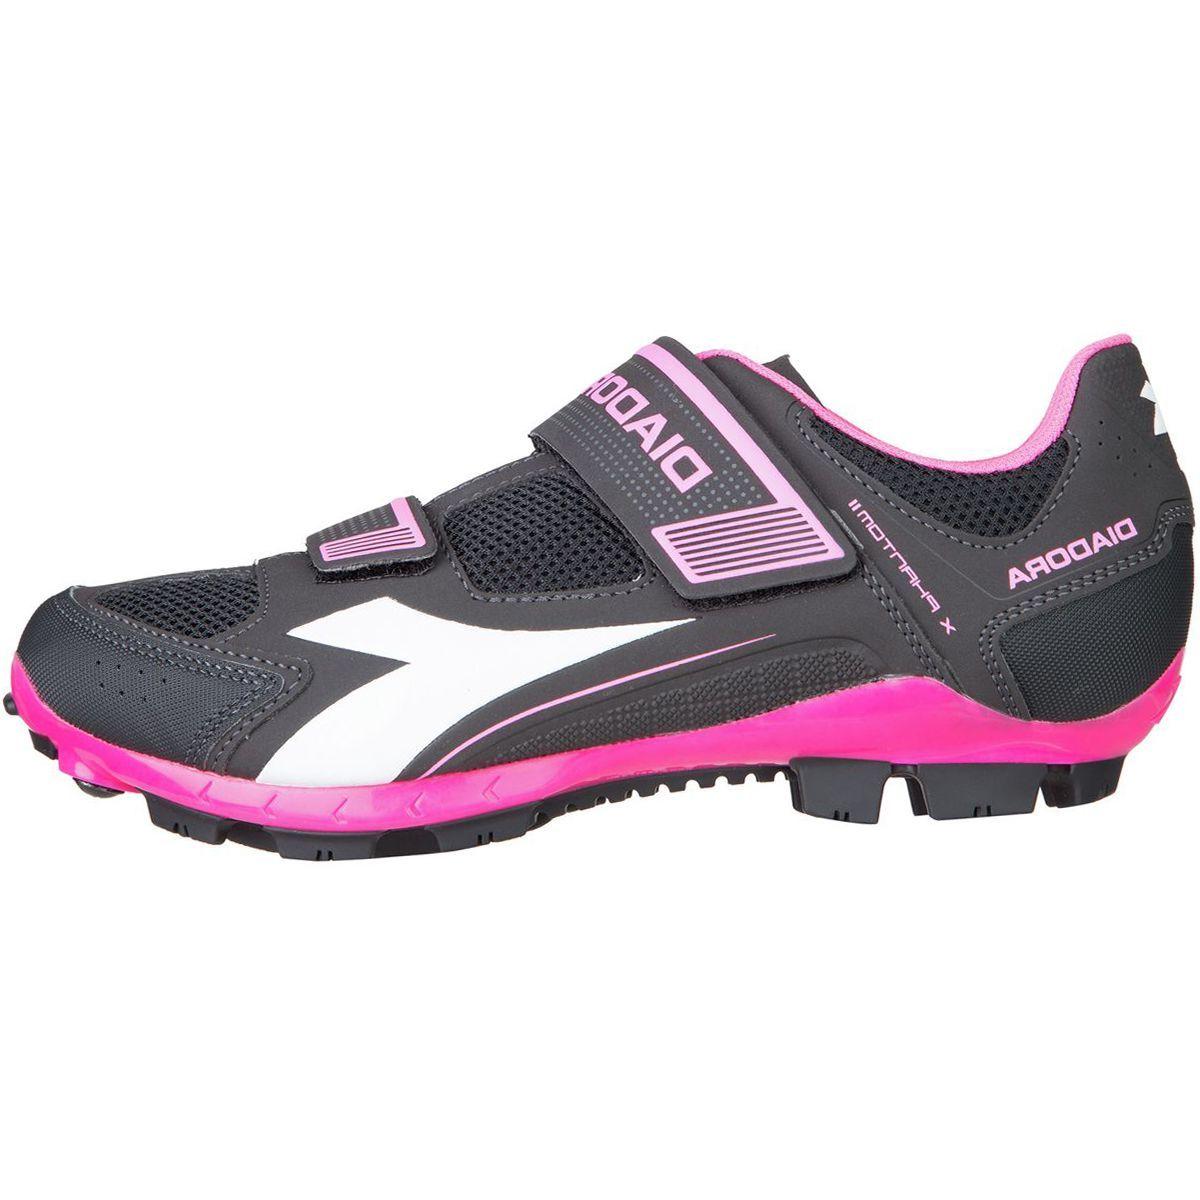 Diadora X-Phantom II Cycling Shoe - Women's